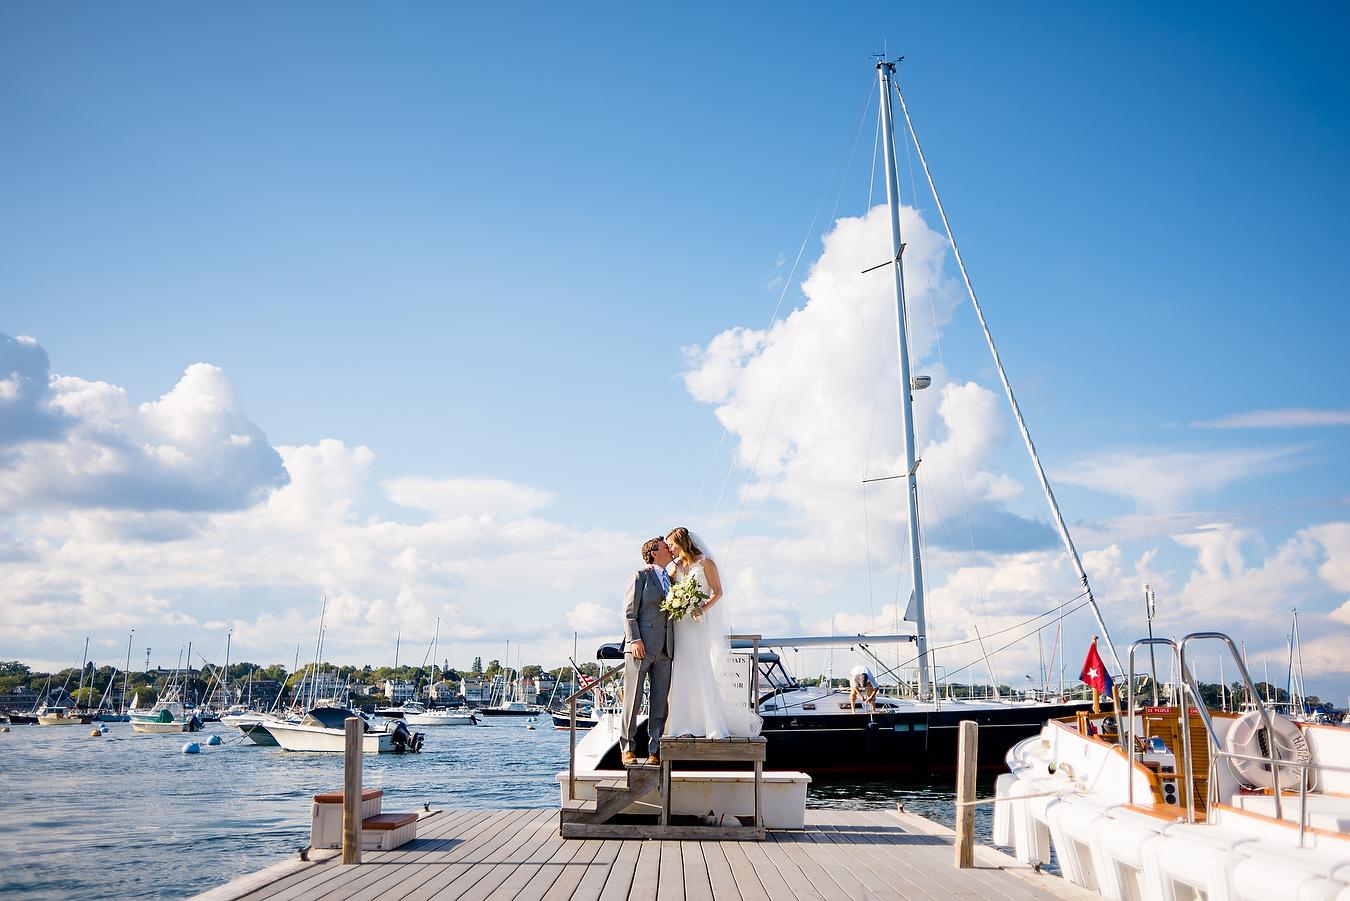 eastern yacht club wedding portraits and ideas